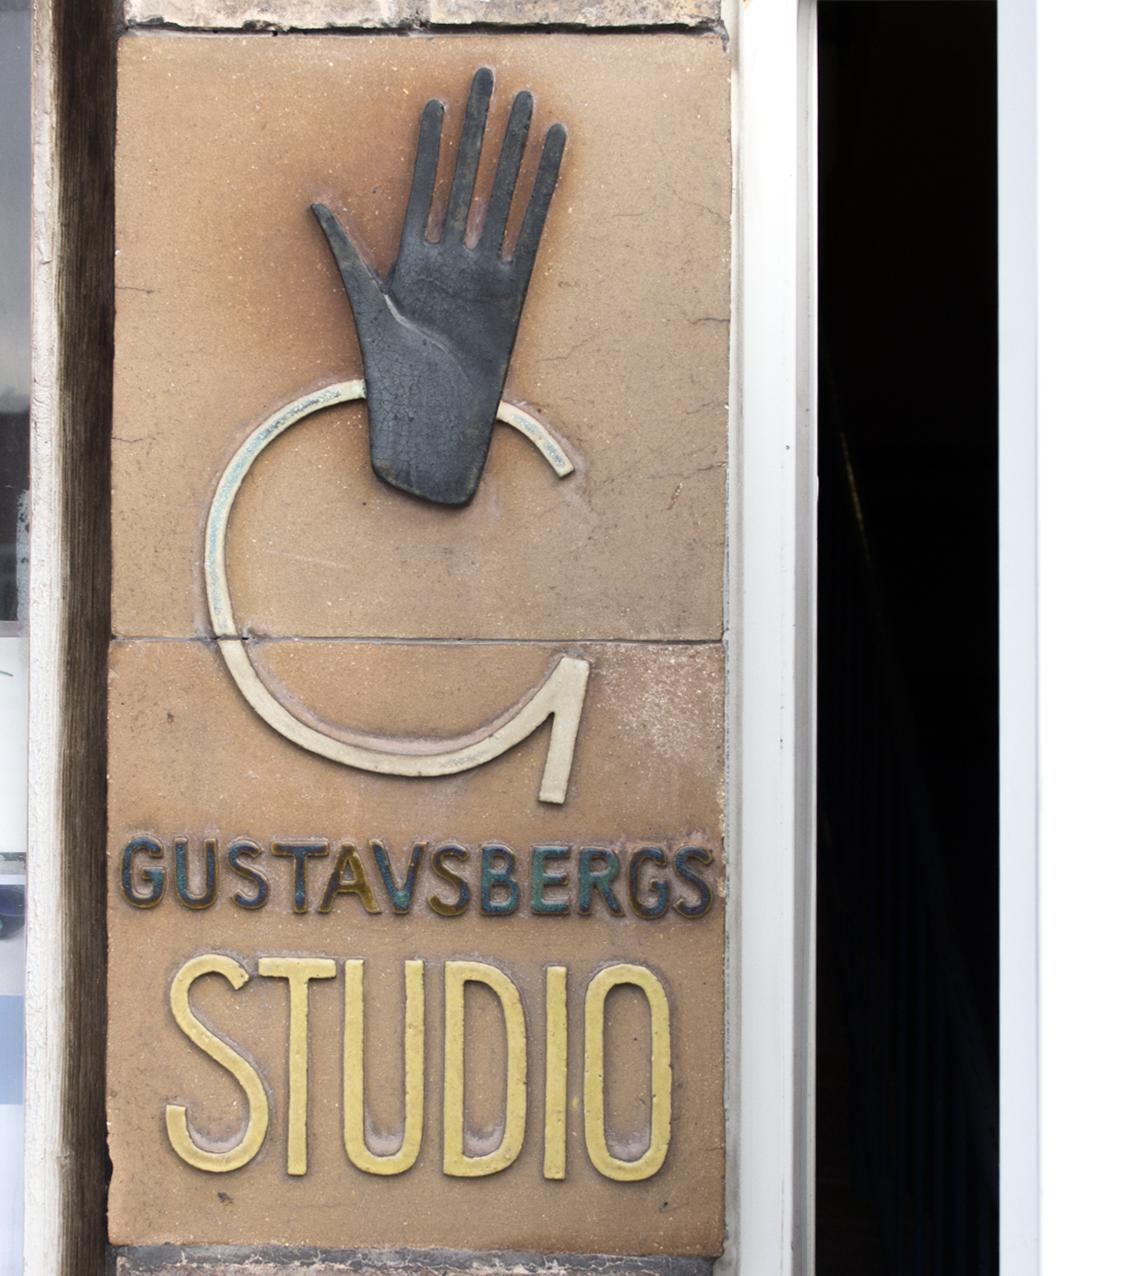 G-studion | Pysselbolaget